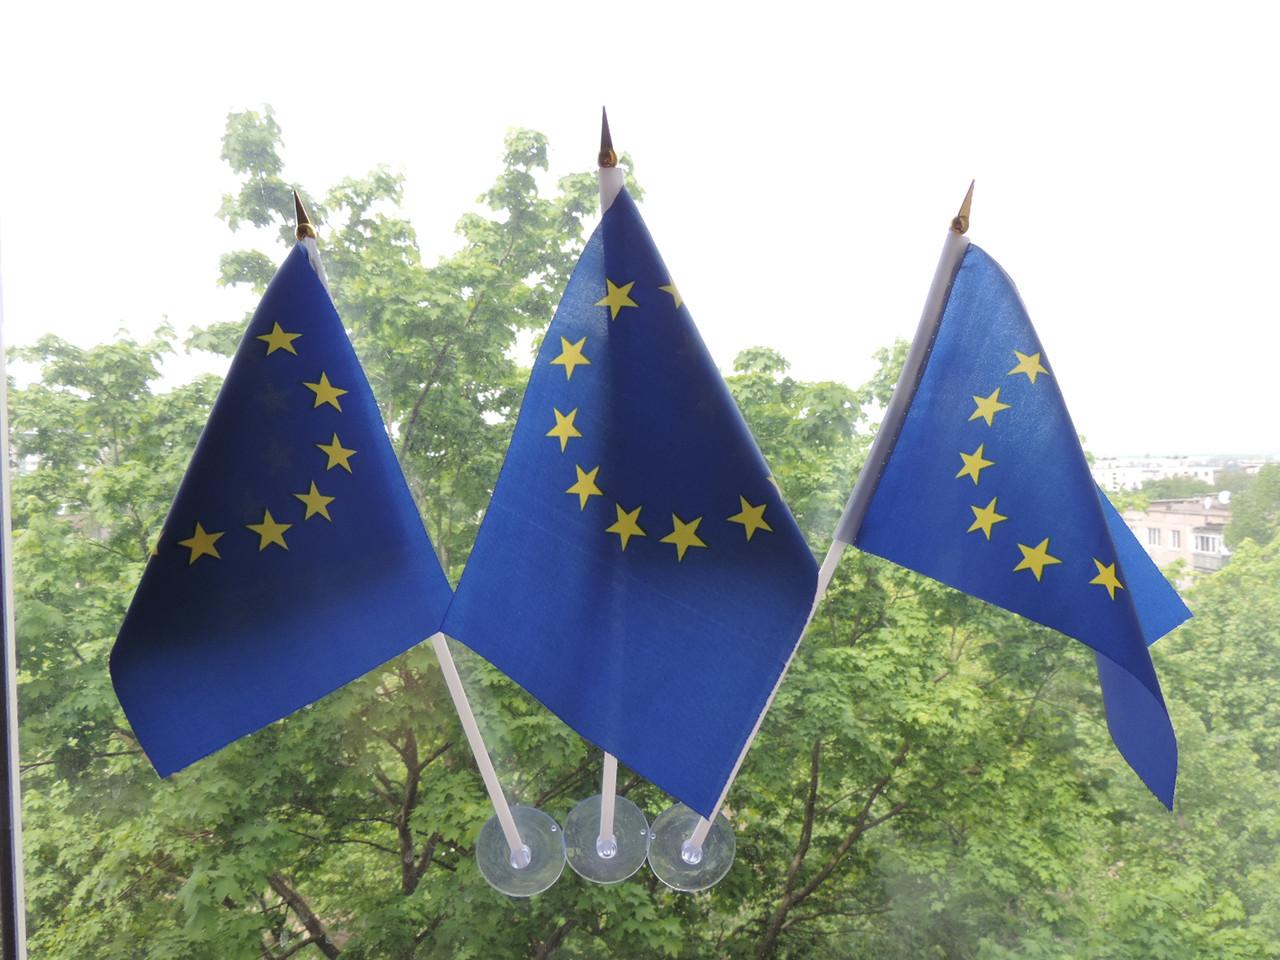 Флажок Евросоюза на присоске.